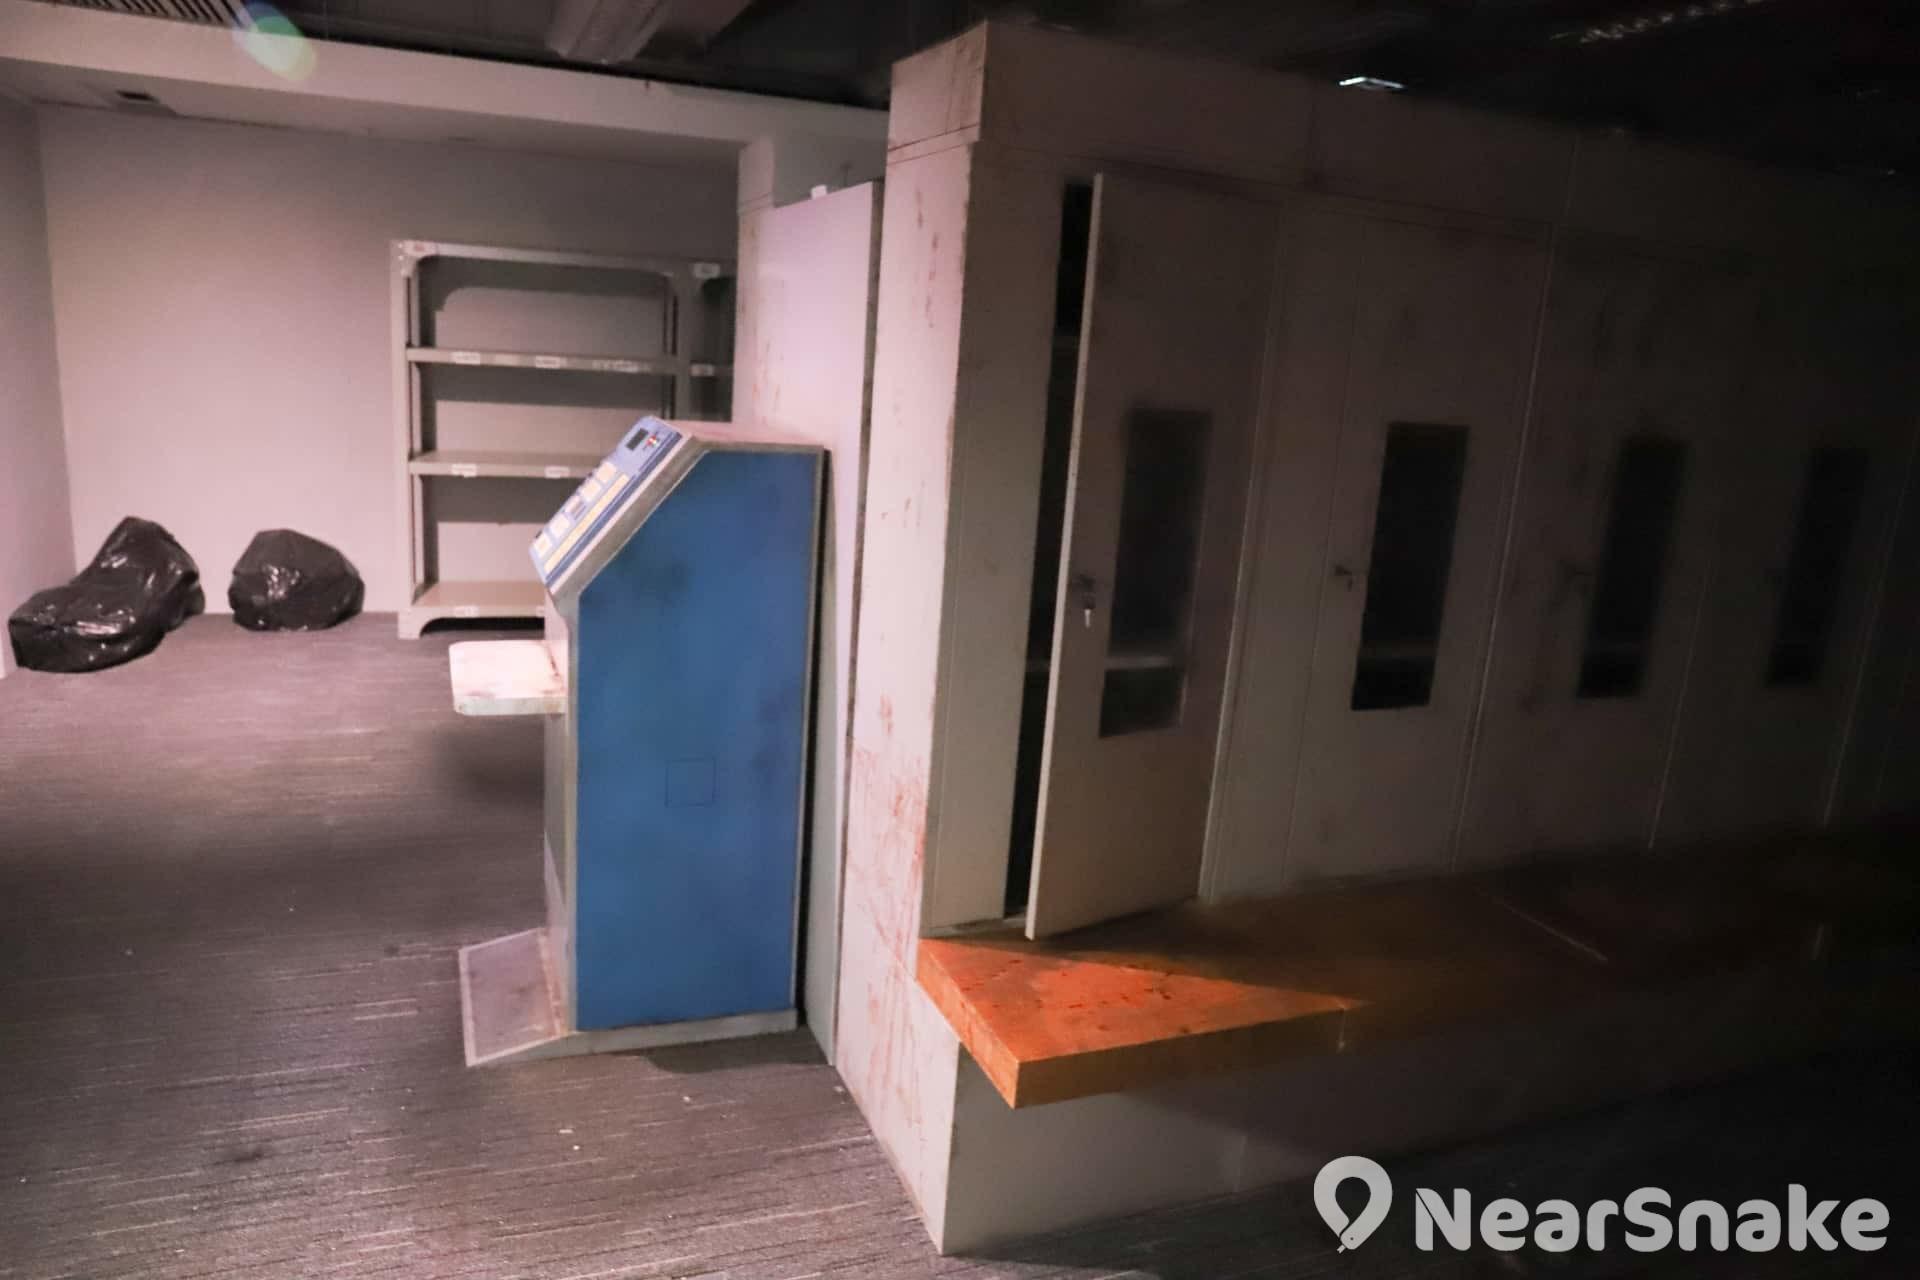 【萬聖節鬼屋2019】《生化危機2》遊戲場景神還原 實景體驗館勾起集體回憶 儲物櫃室